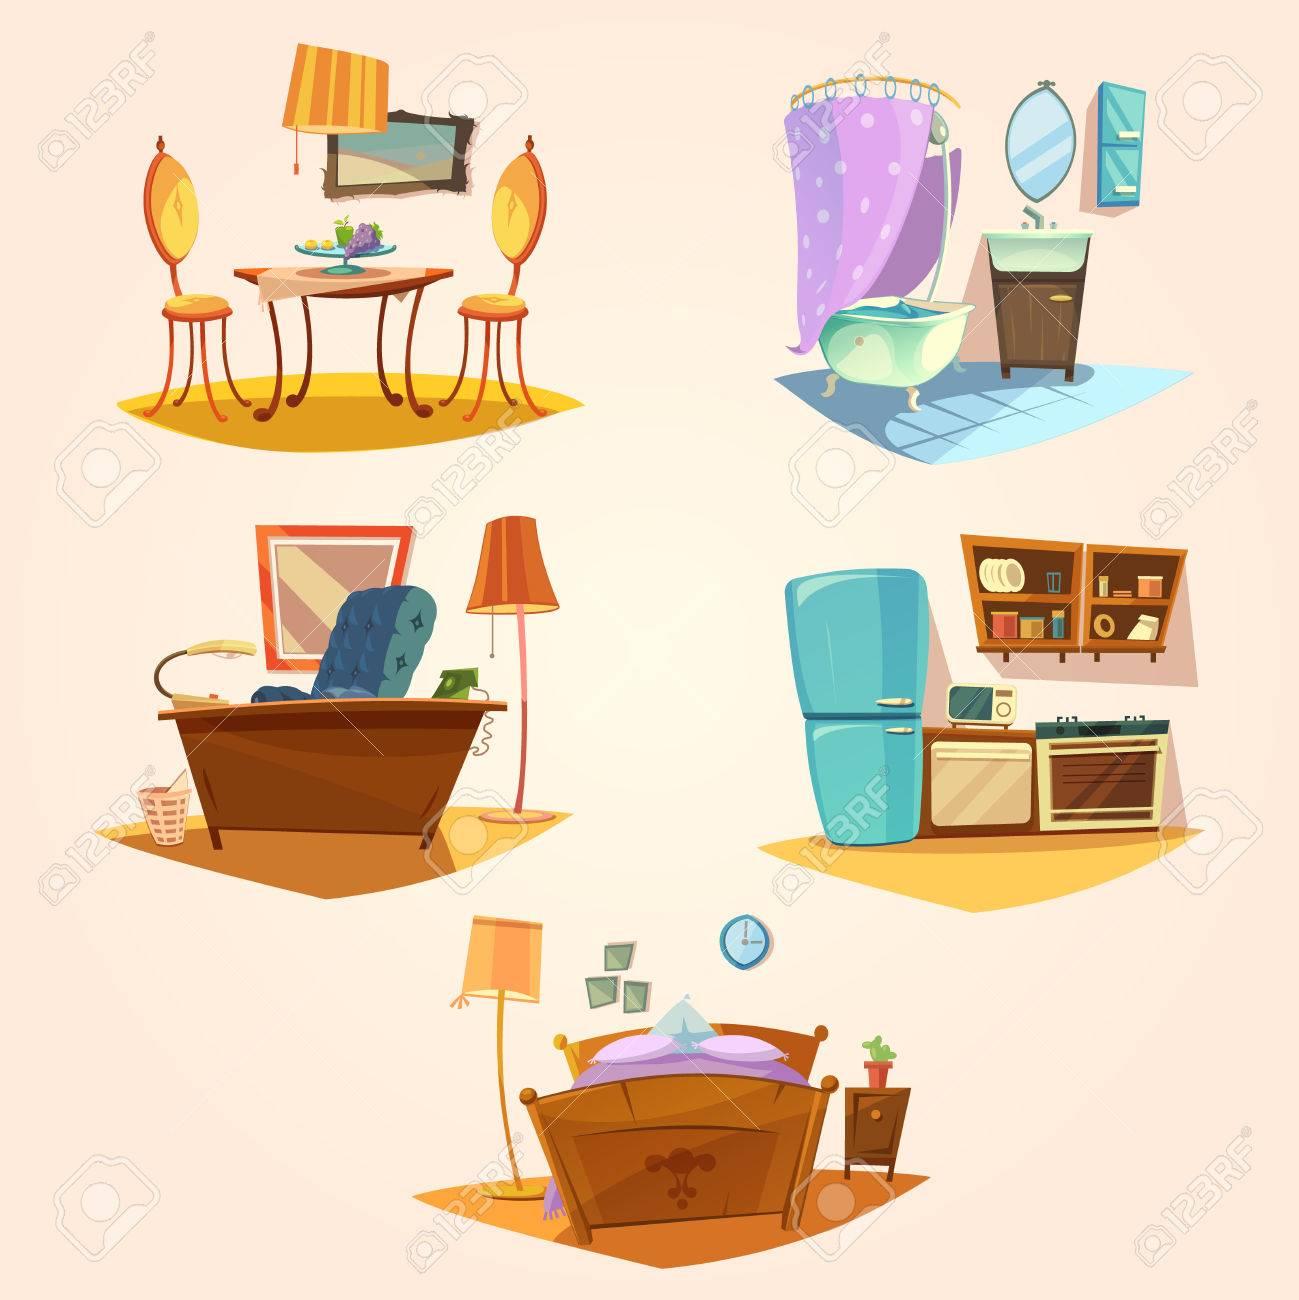 Muebles De Epoca Consola Blanca Vintage Pars Muebles De Epoca  # Muebles Dibujos Animados